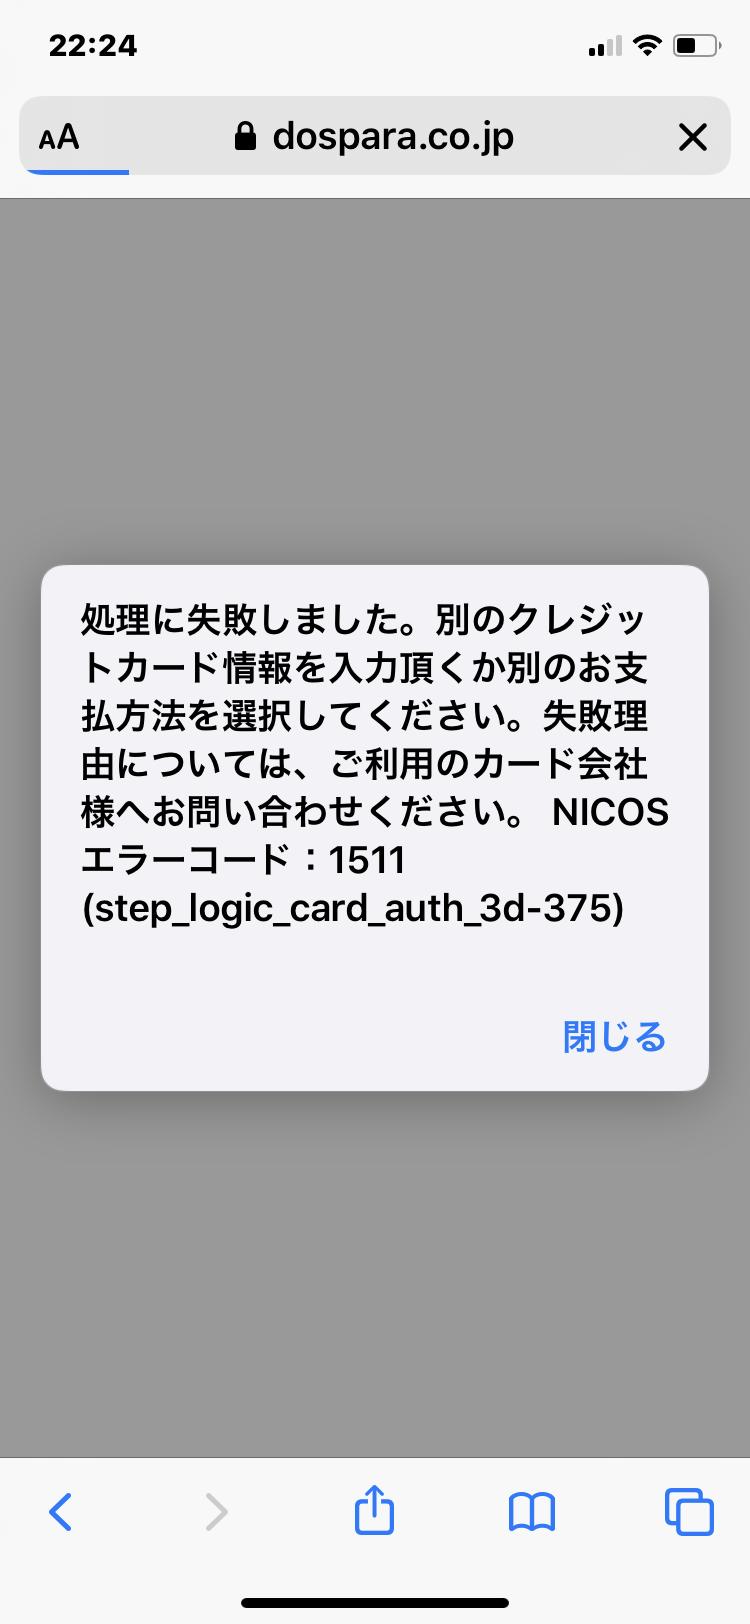 【ドスパラでJCBクレカエラー!?】ばっちり使えるようにする方法を紹介します!!